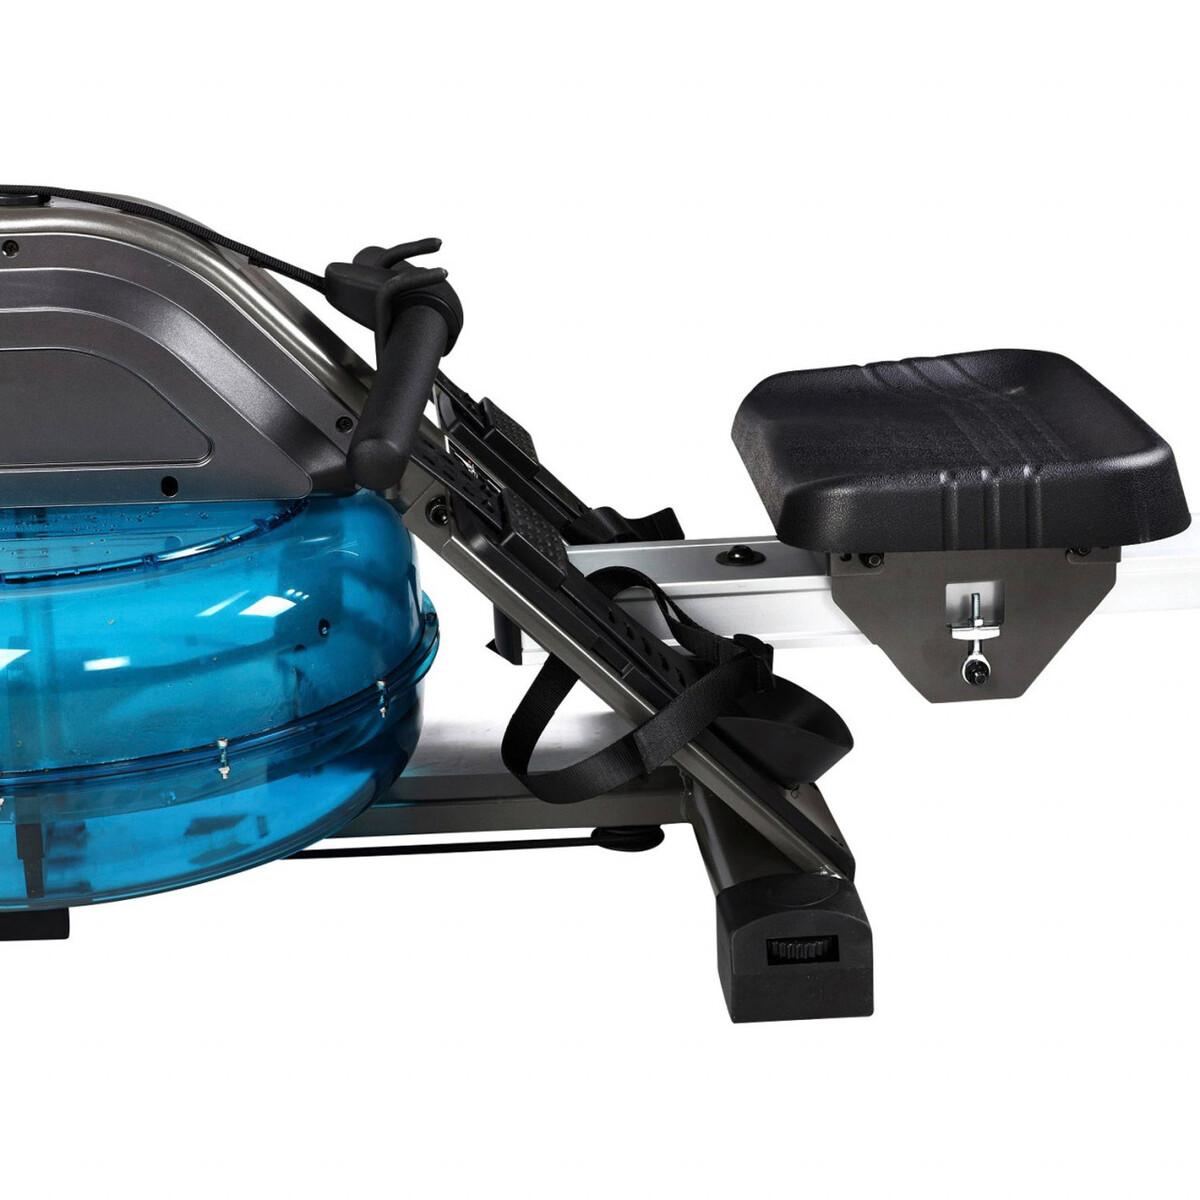 Bild 4 von Body Coach Wasser-Rudergerät mit Widerstandsverstellung